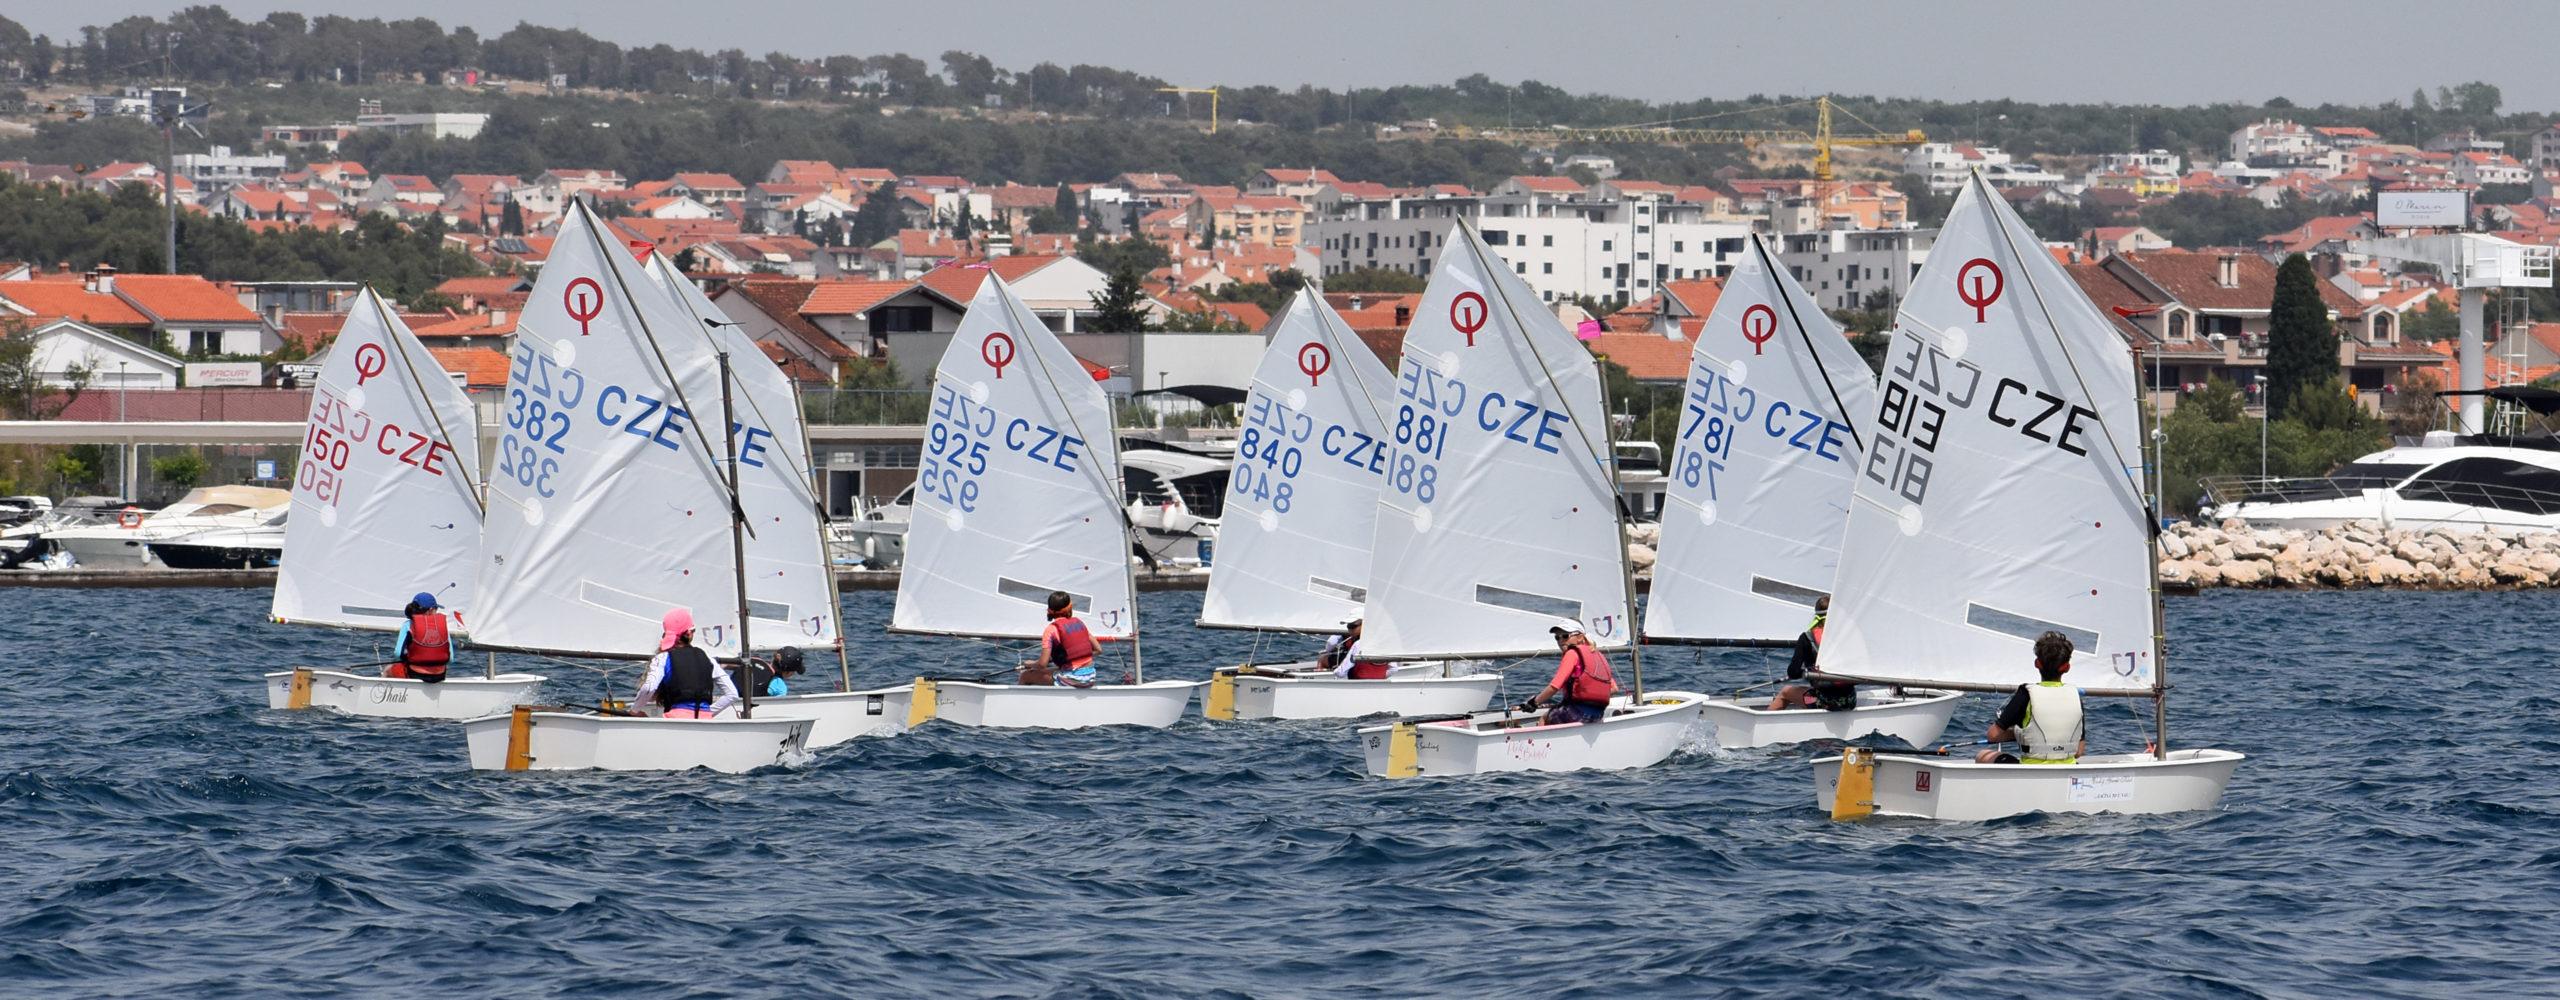 Soustředění Optimistů v Zadaru